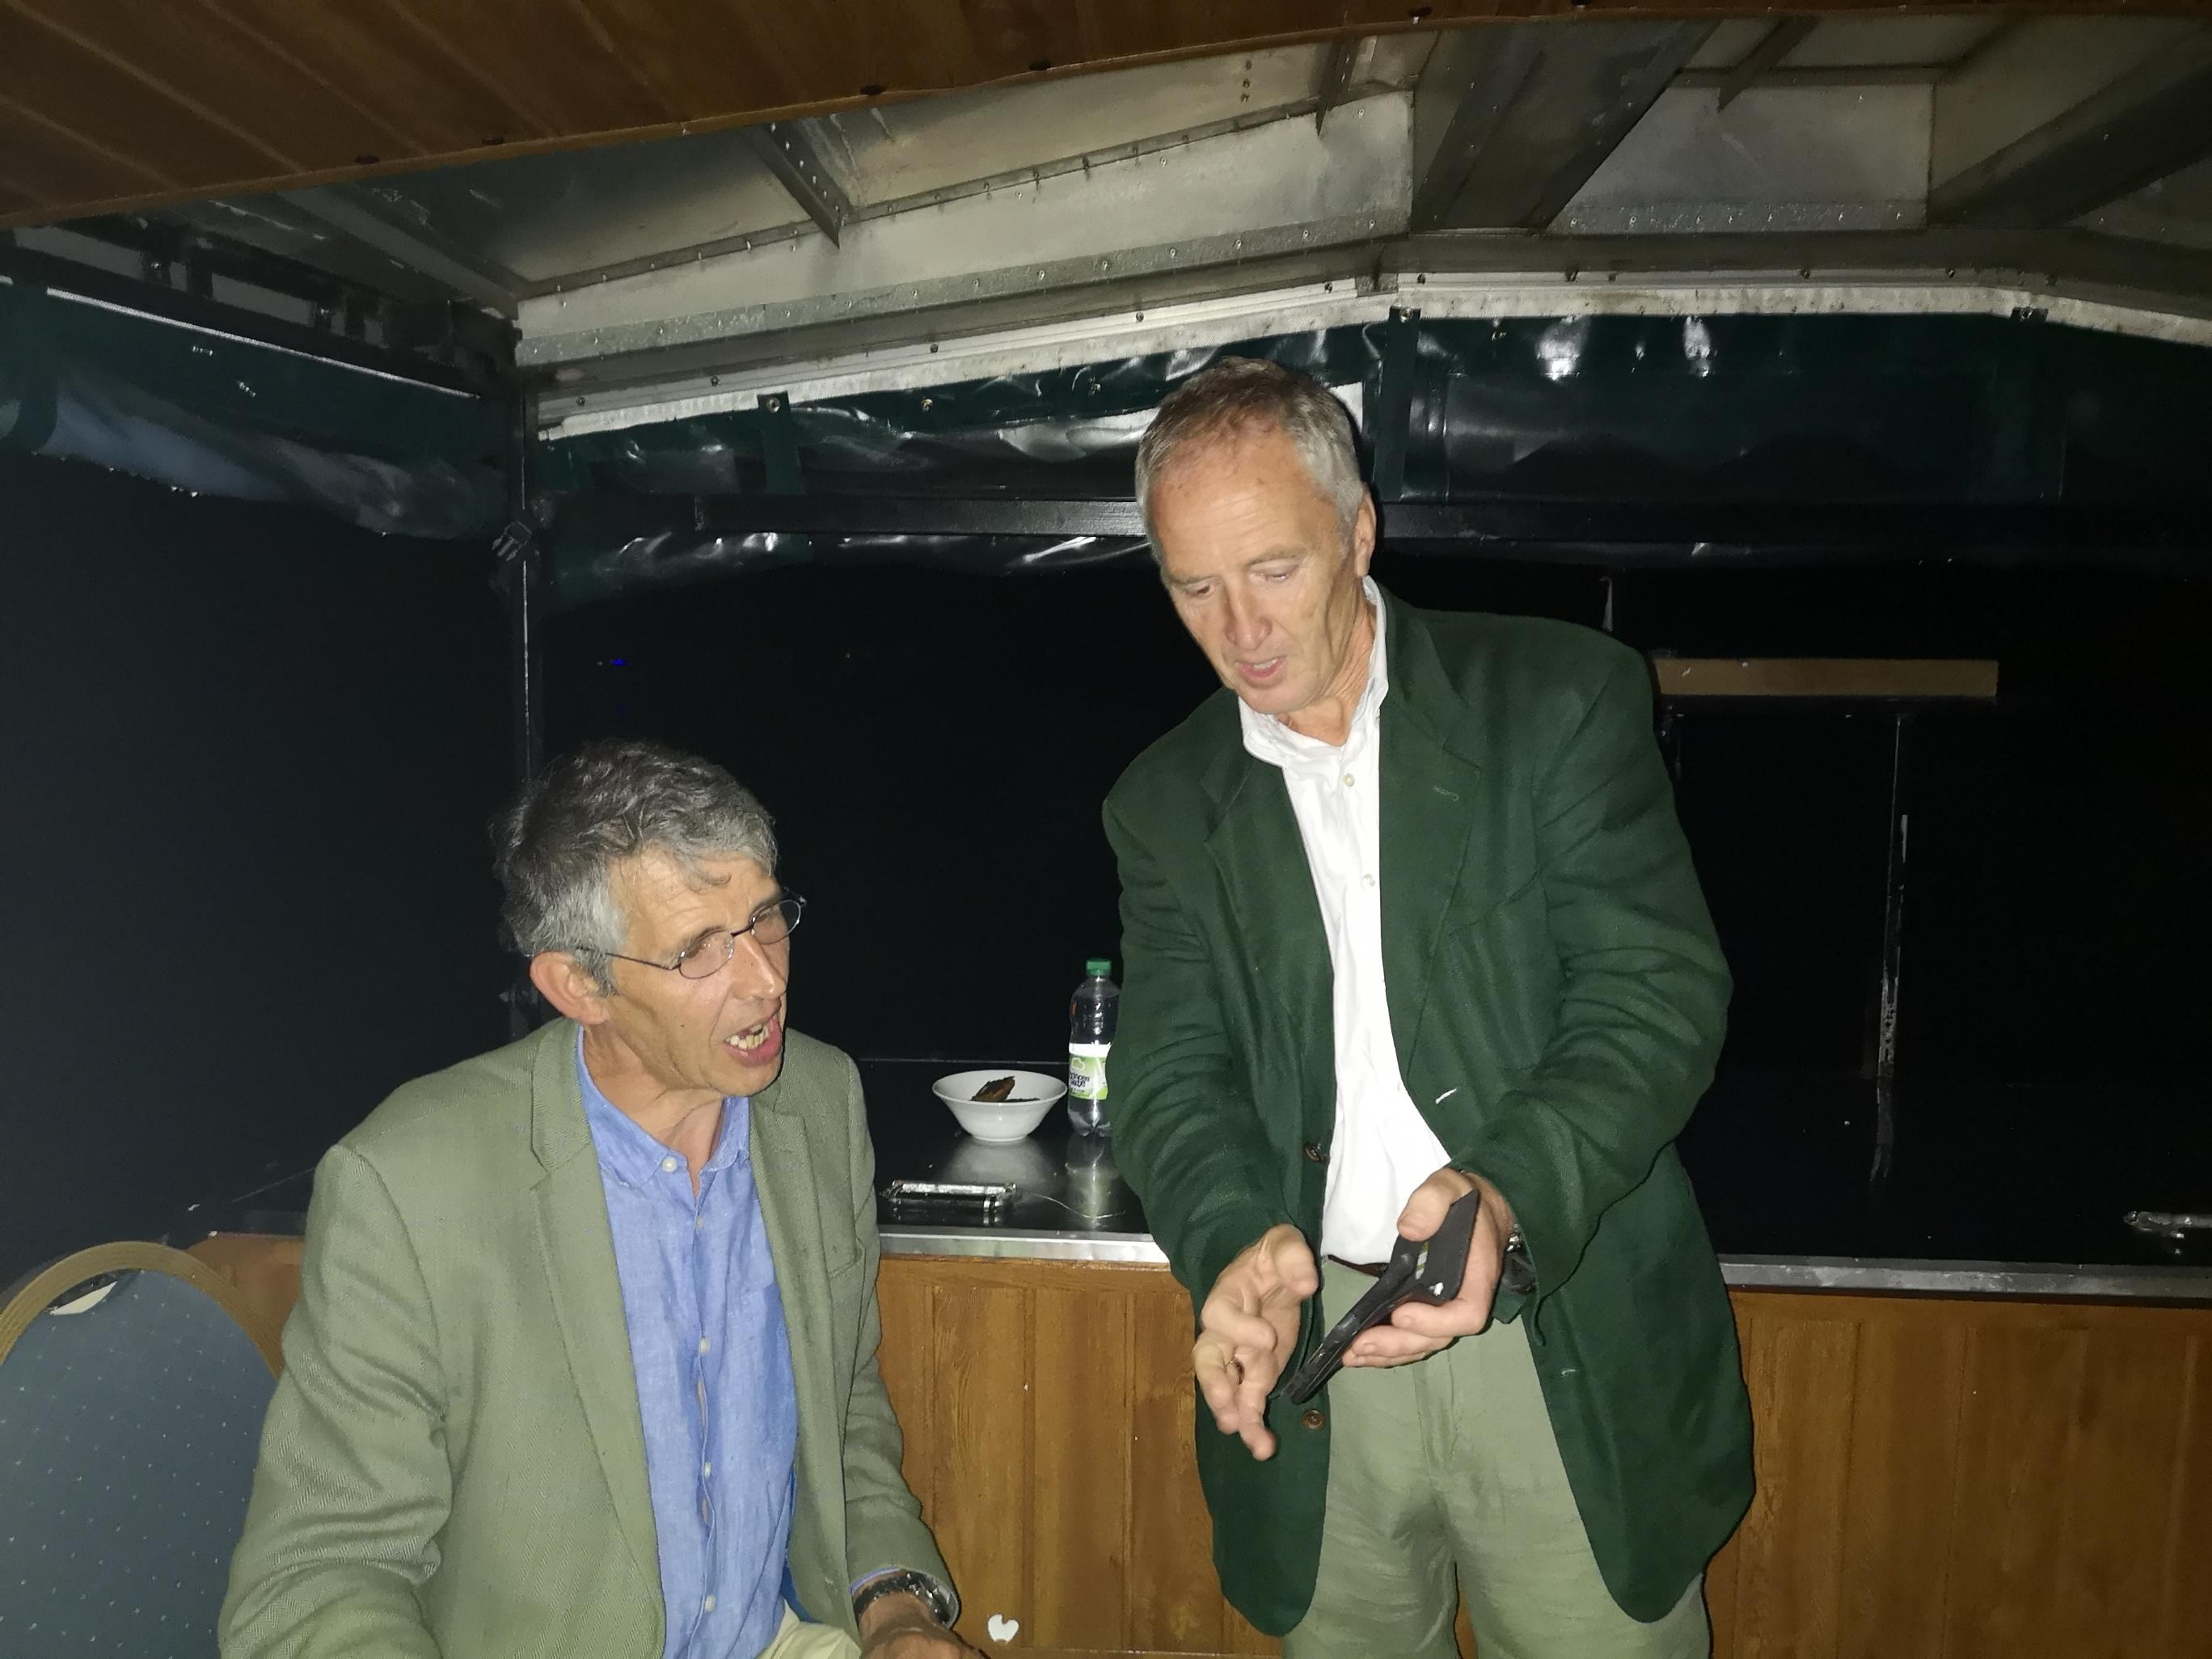 Stephen Twining and Martyn Daniels